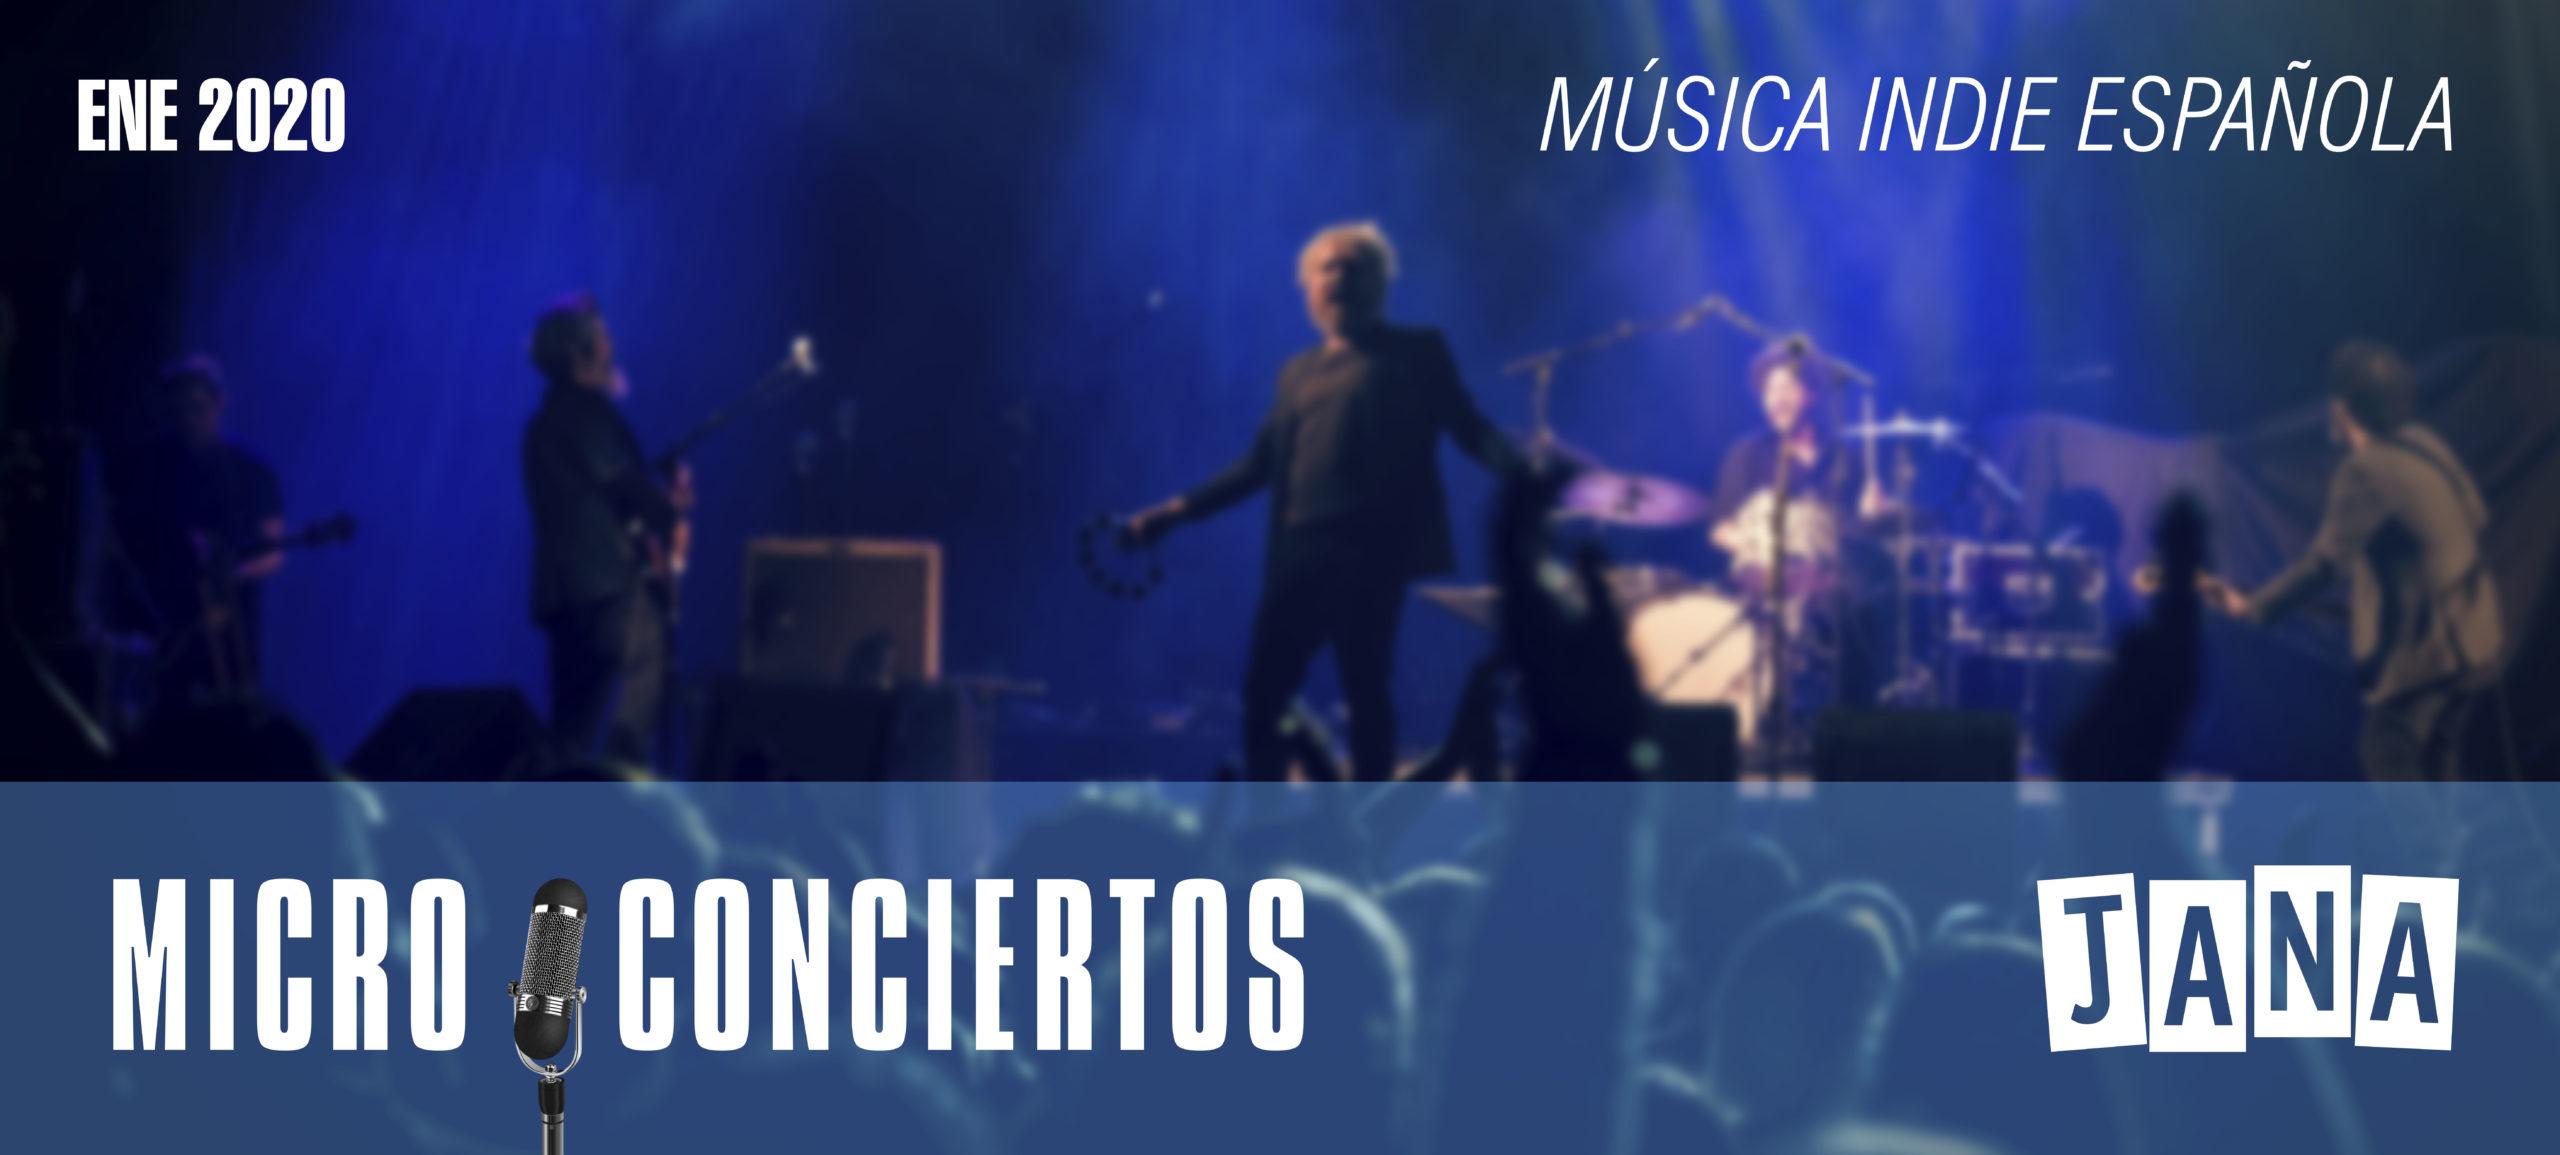 jana microconcierto musica indie española